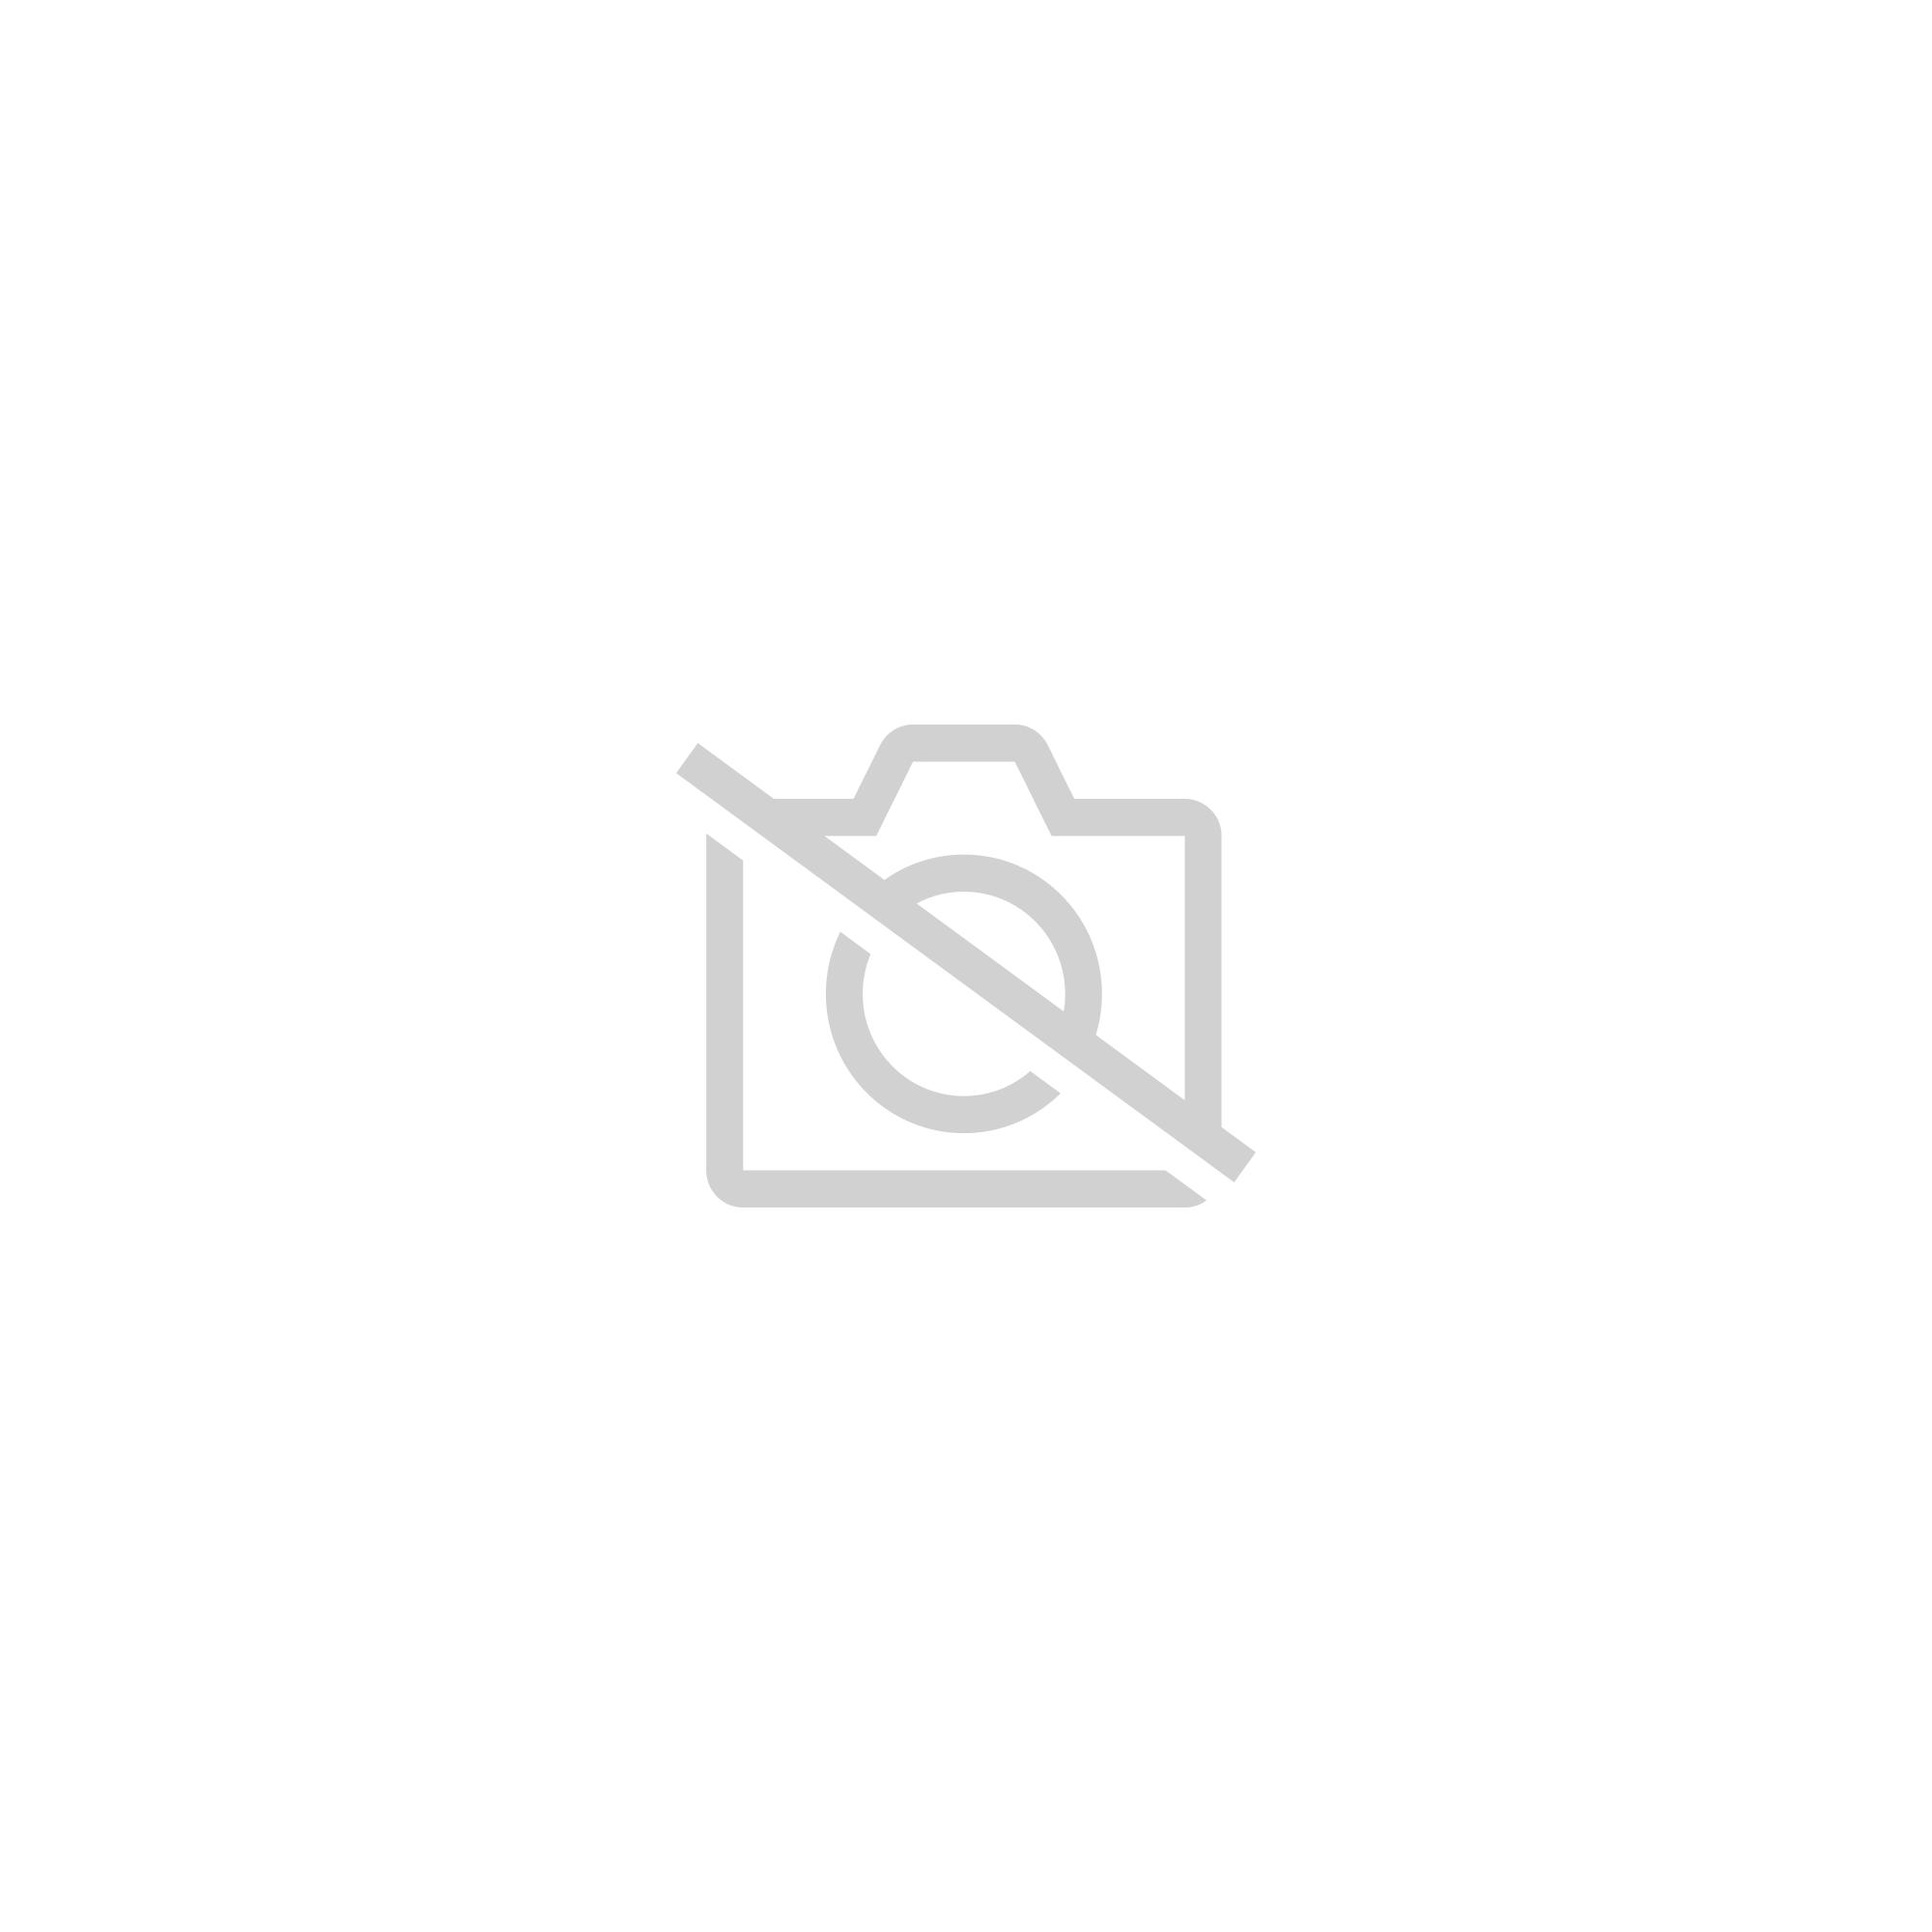 Tatouage Temporaire Encre Blanc Pour Boitier Tampon Kenji Tattoo Peaux Mat Et Sombre Body Art Cosmetique